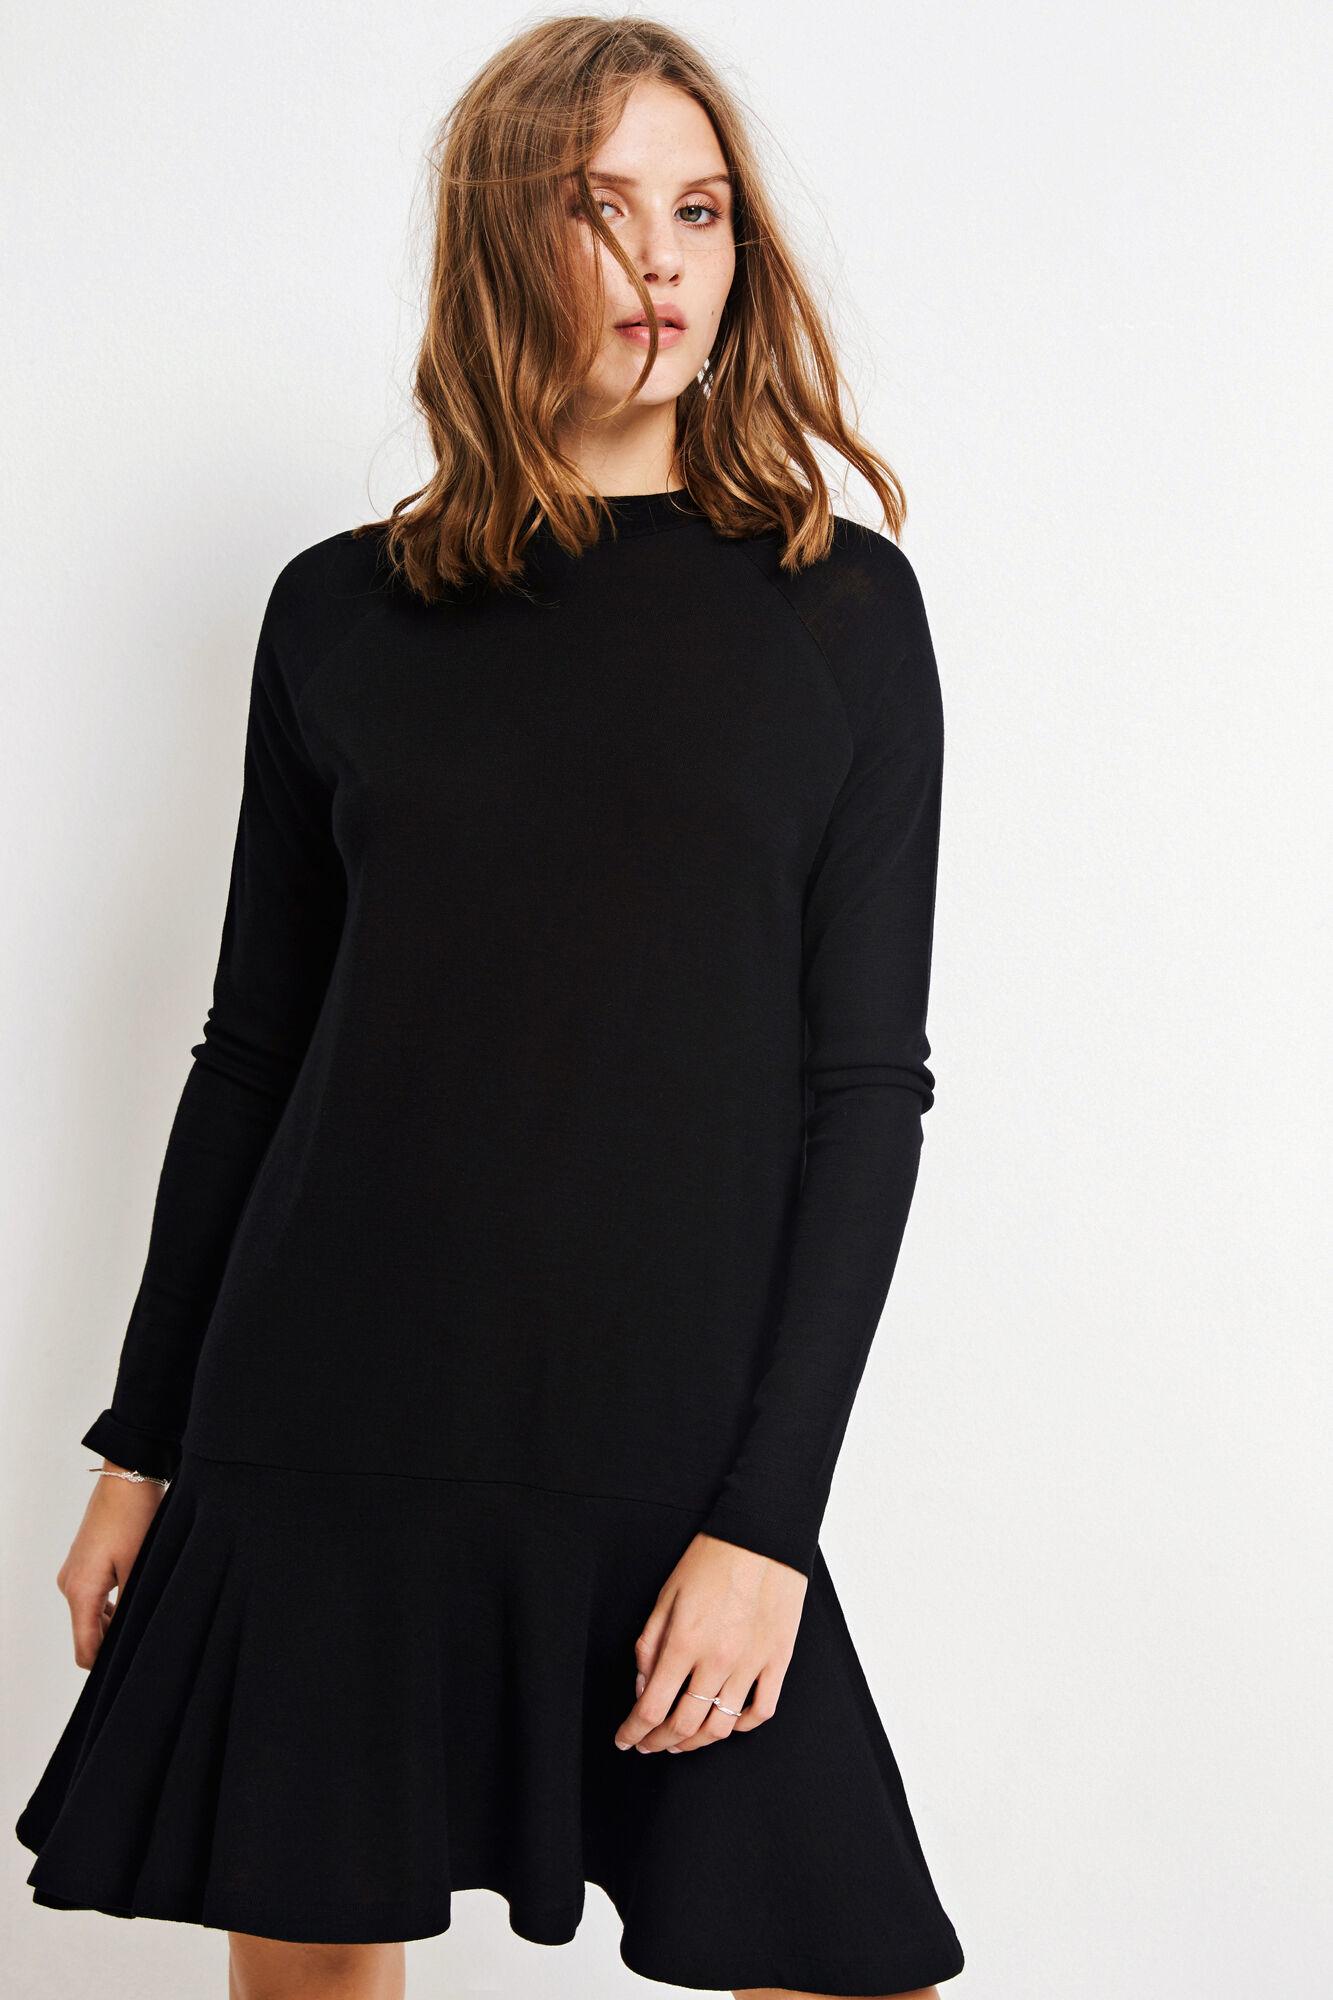 ENVILLY PEPLUM DRESS 5866